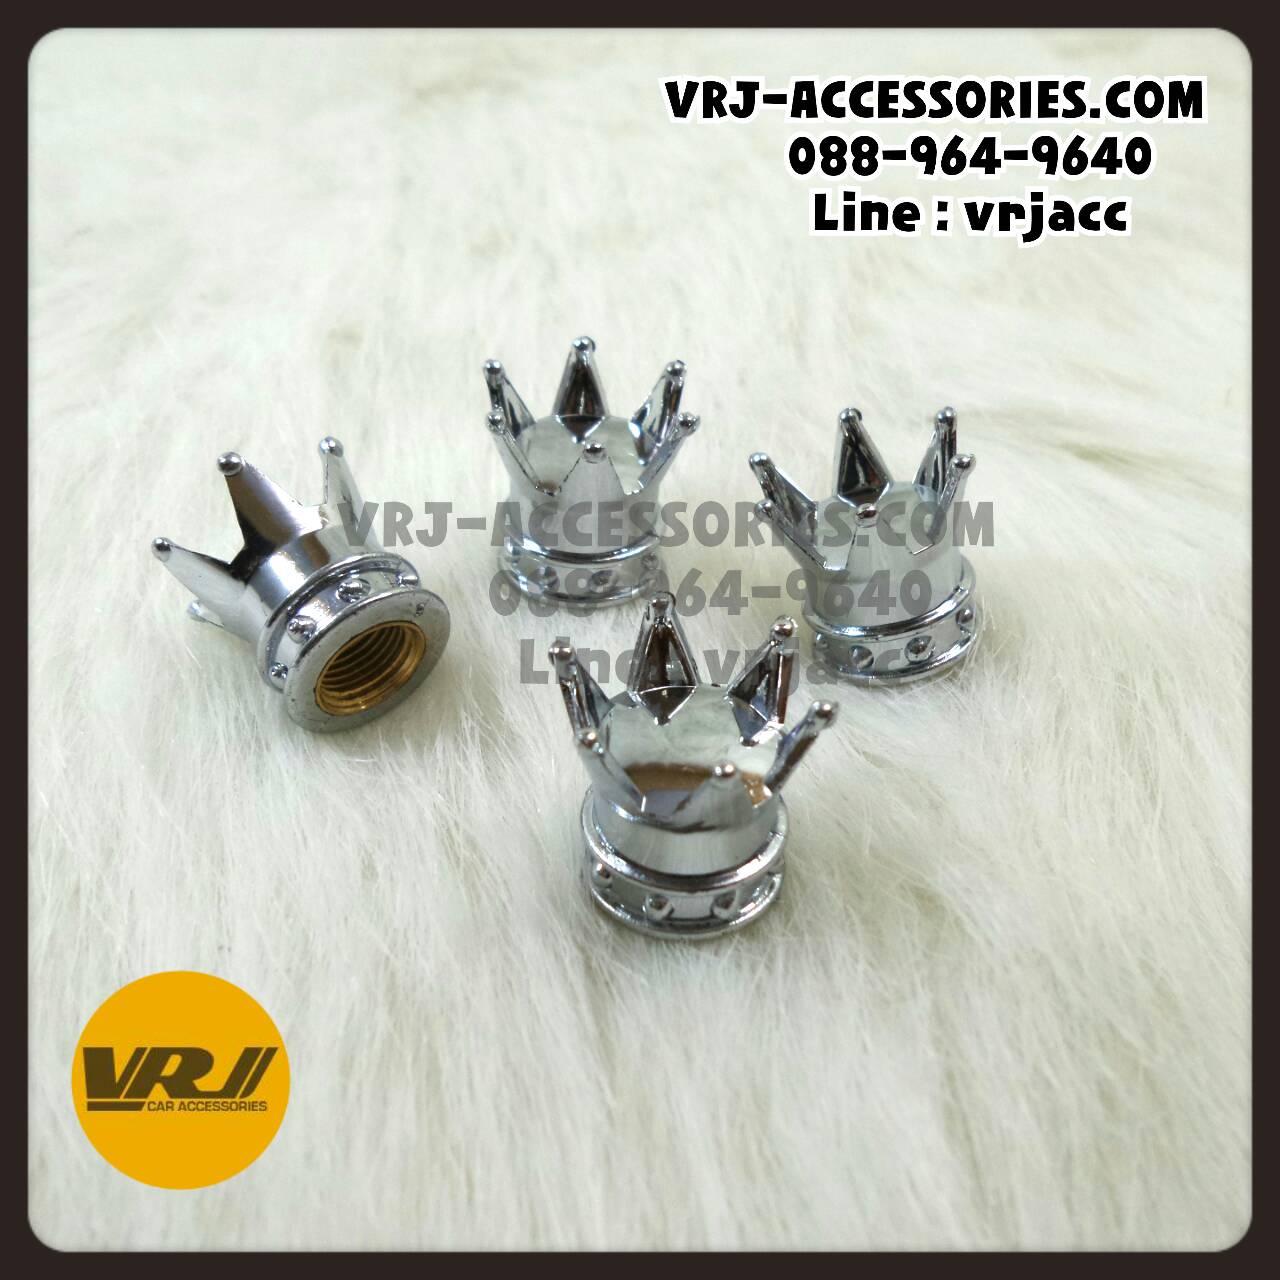 จุกลม มงกุฎ สีเงิน : Car tire valve Stem caps – CROWN